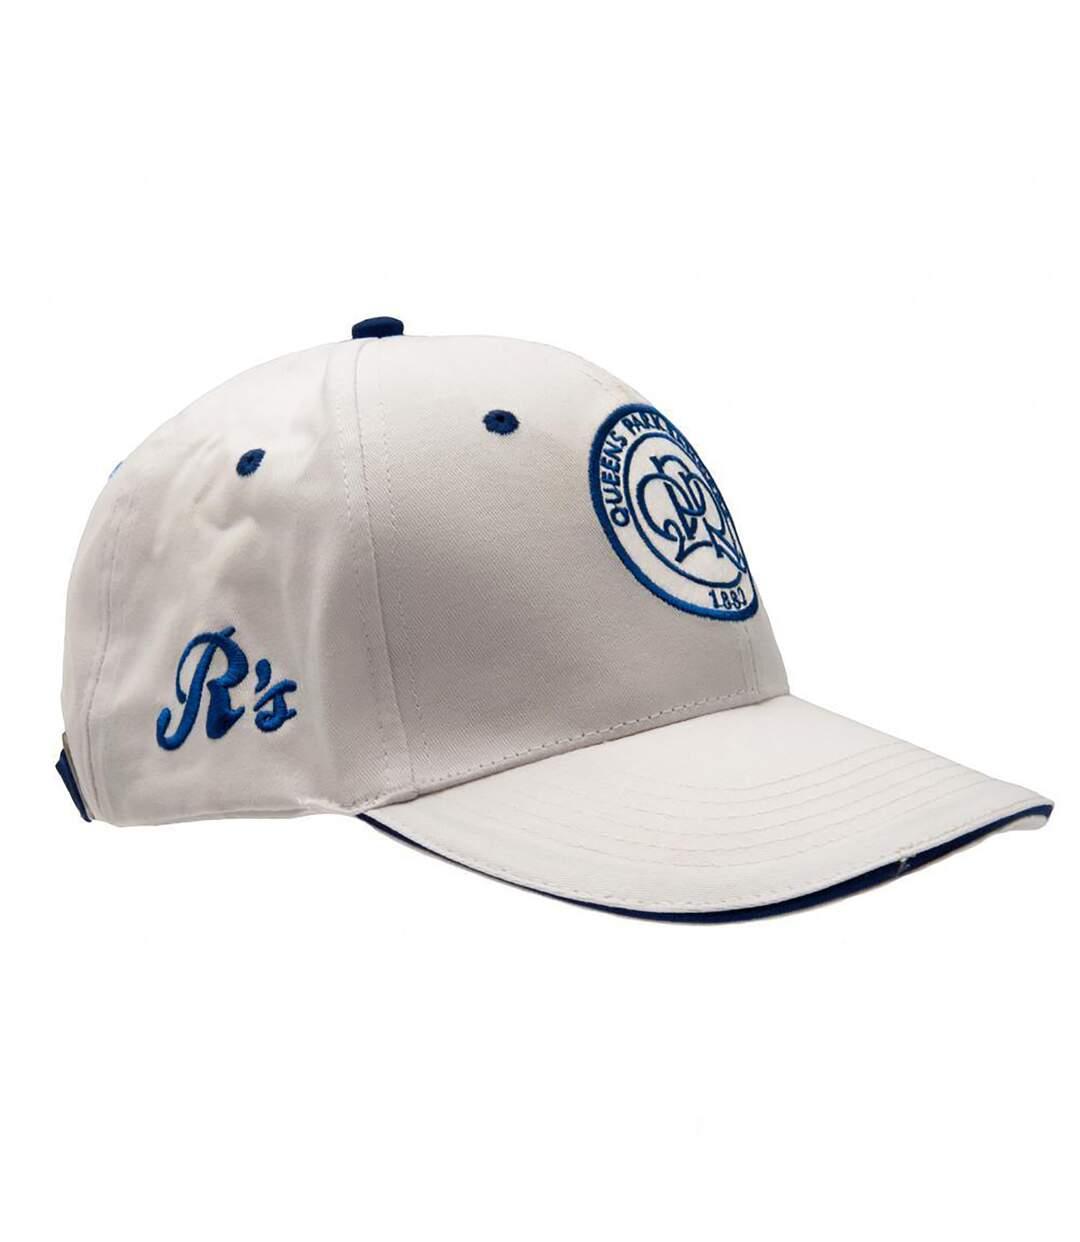 Queens Park Rangers FC Official Crest Design Baseball Cap (White) - UTSG10398